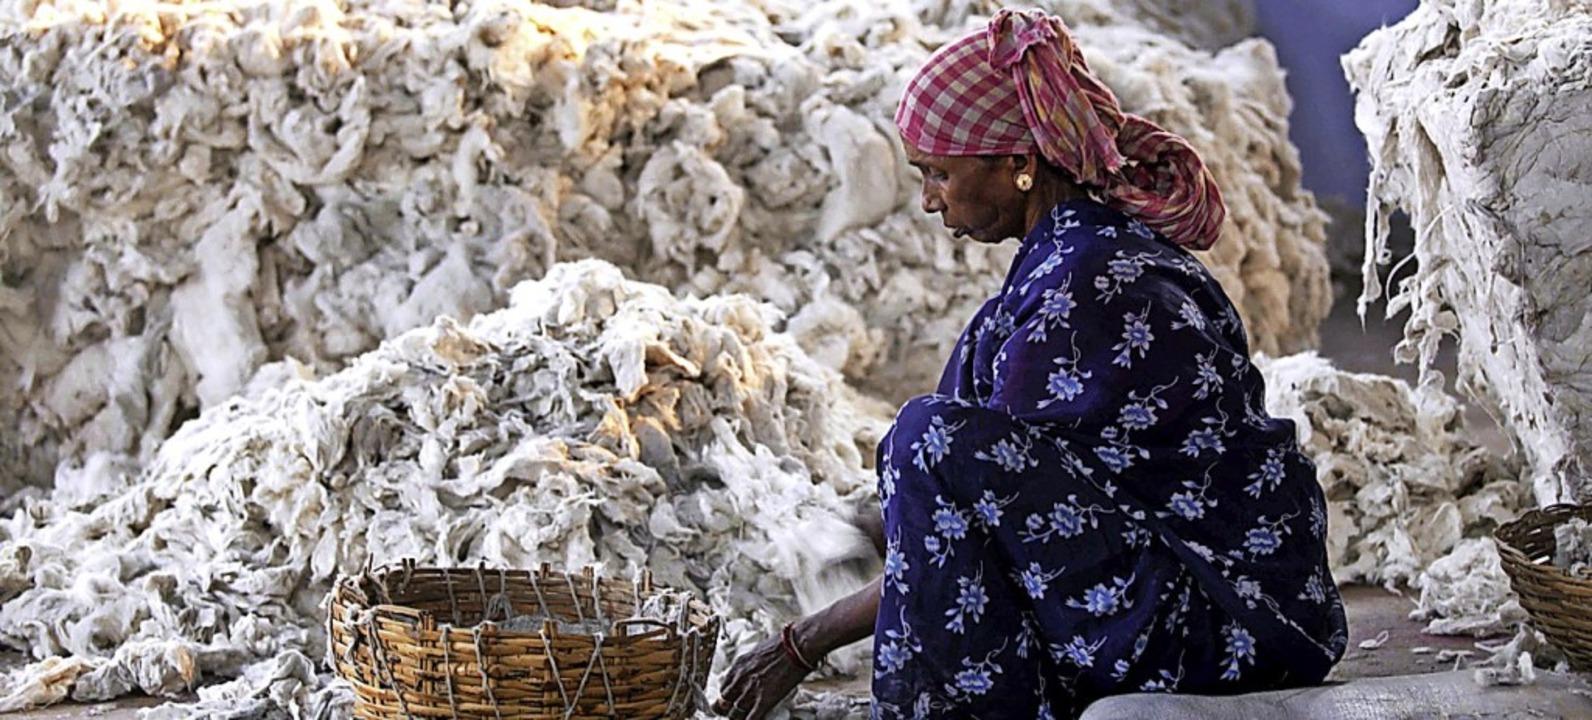 Vergiftete Baumwolle  gefährdet die Ge...e Frau beim Wollesortieren  in Indien.  | Foto: Piyal Adhikary (dpa)